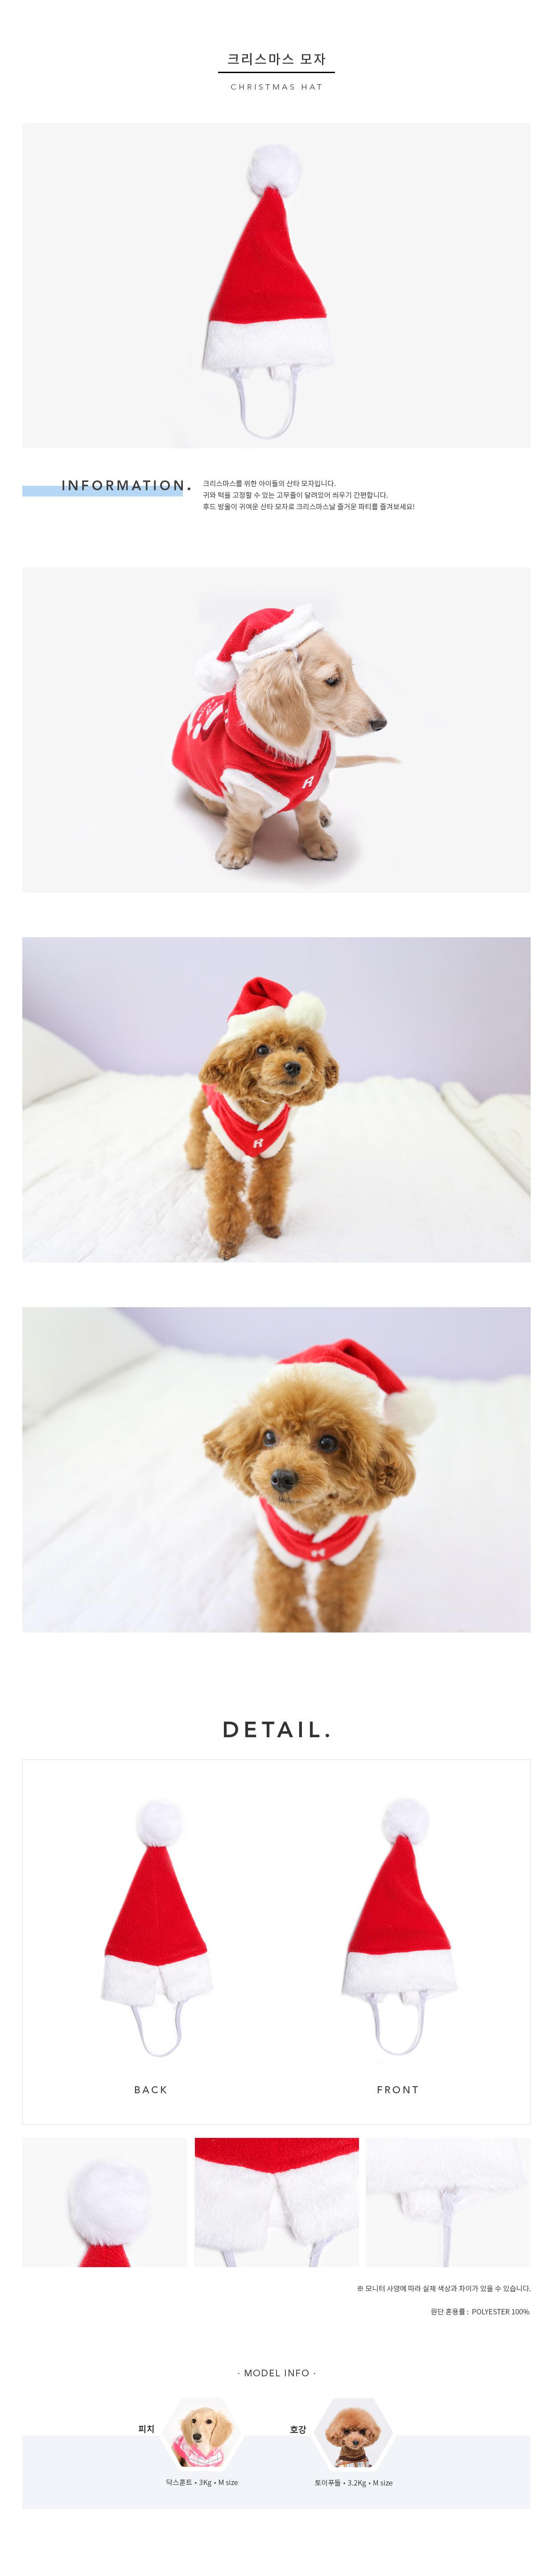 리얼펫 크리스마스 모자 강아지 산타옷 애견 크리스마스 의류 - 리얼펫, 5,000원, 의류/액세서리, 의류